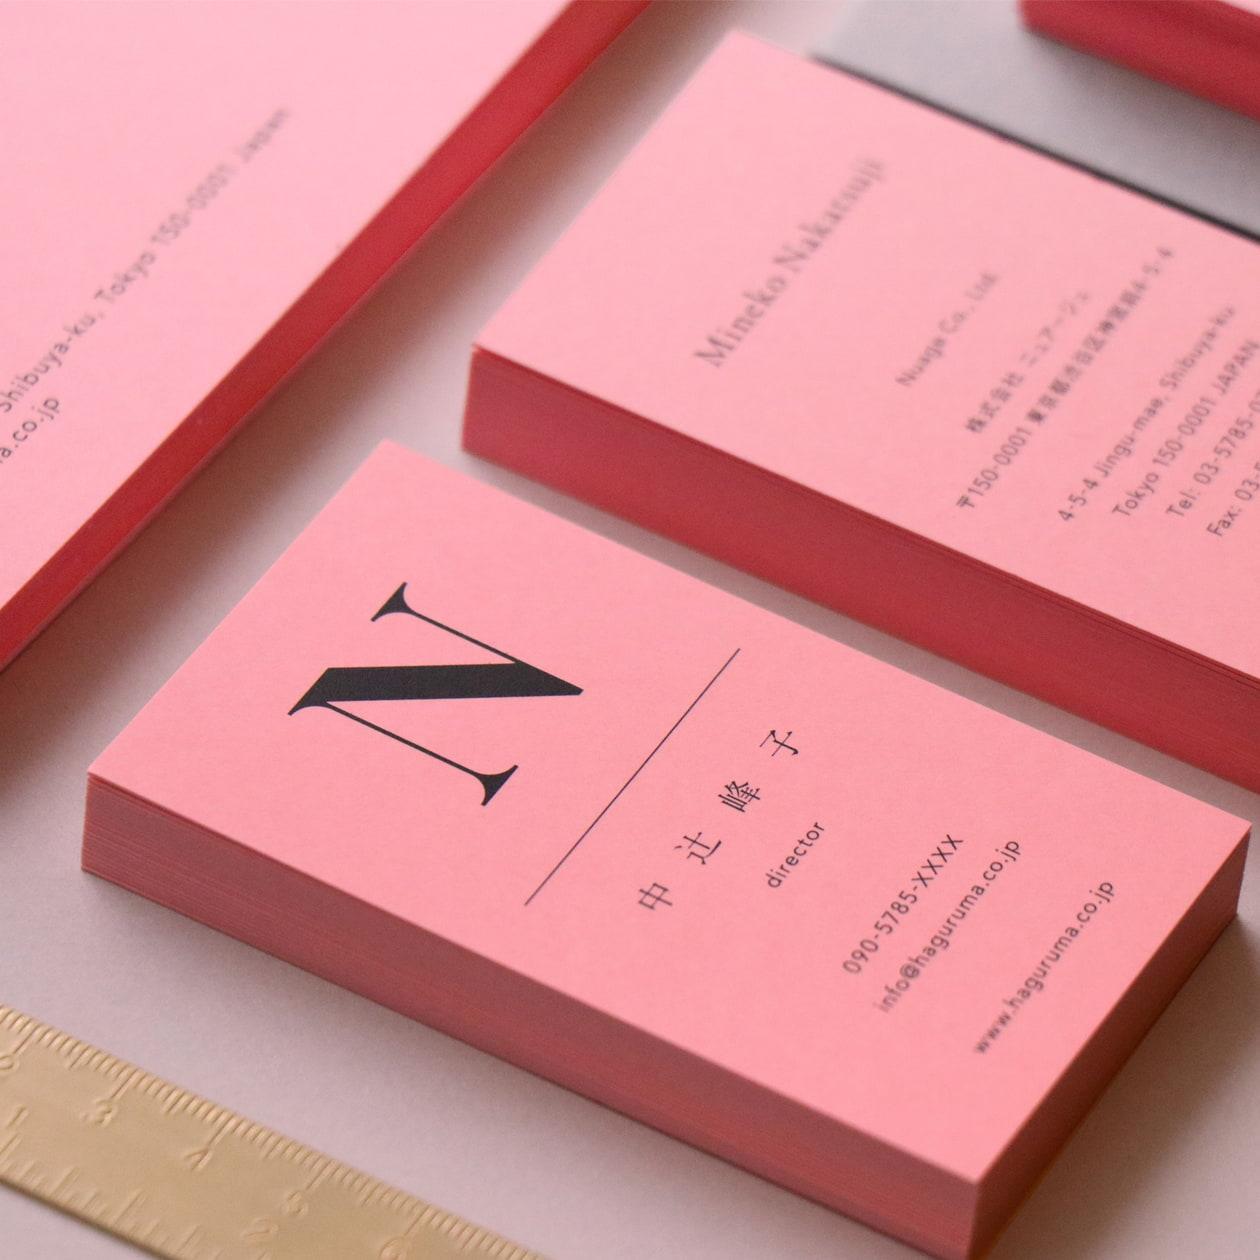 鮮やかなピンクの紙にブラックが印象的 アパレルブランドの名刺